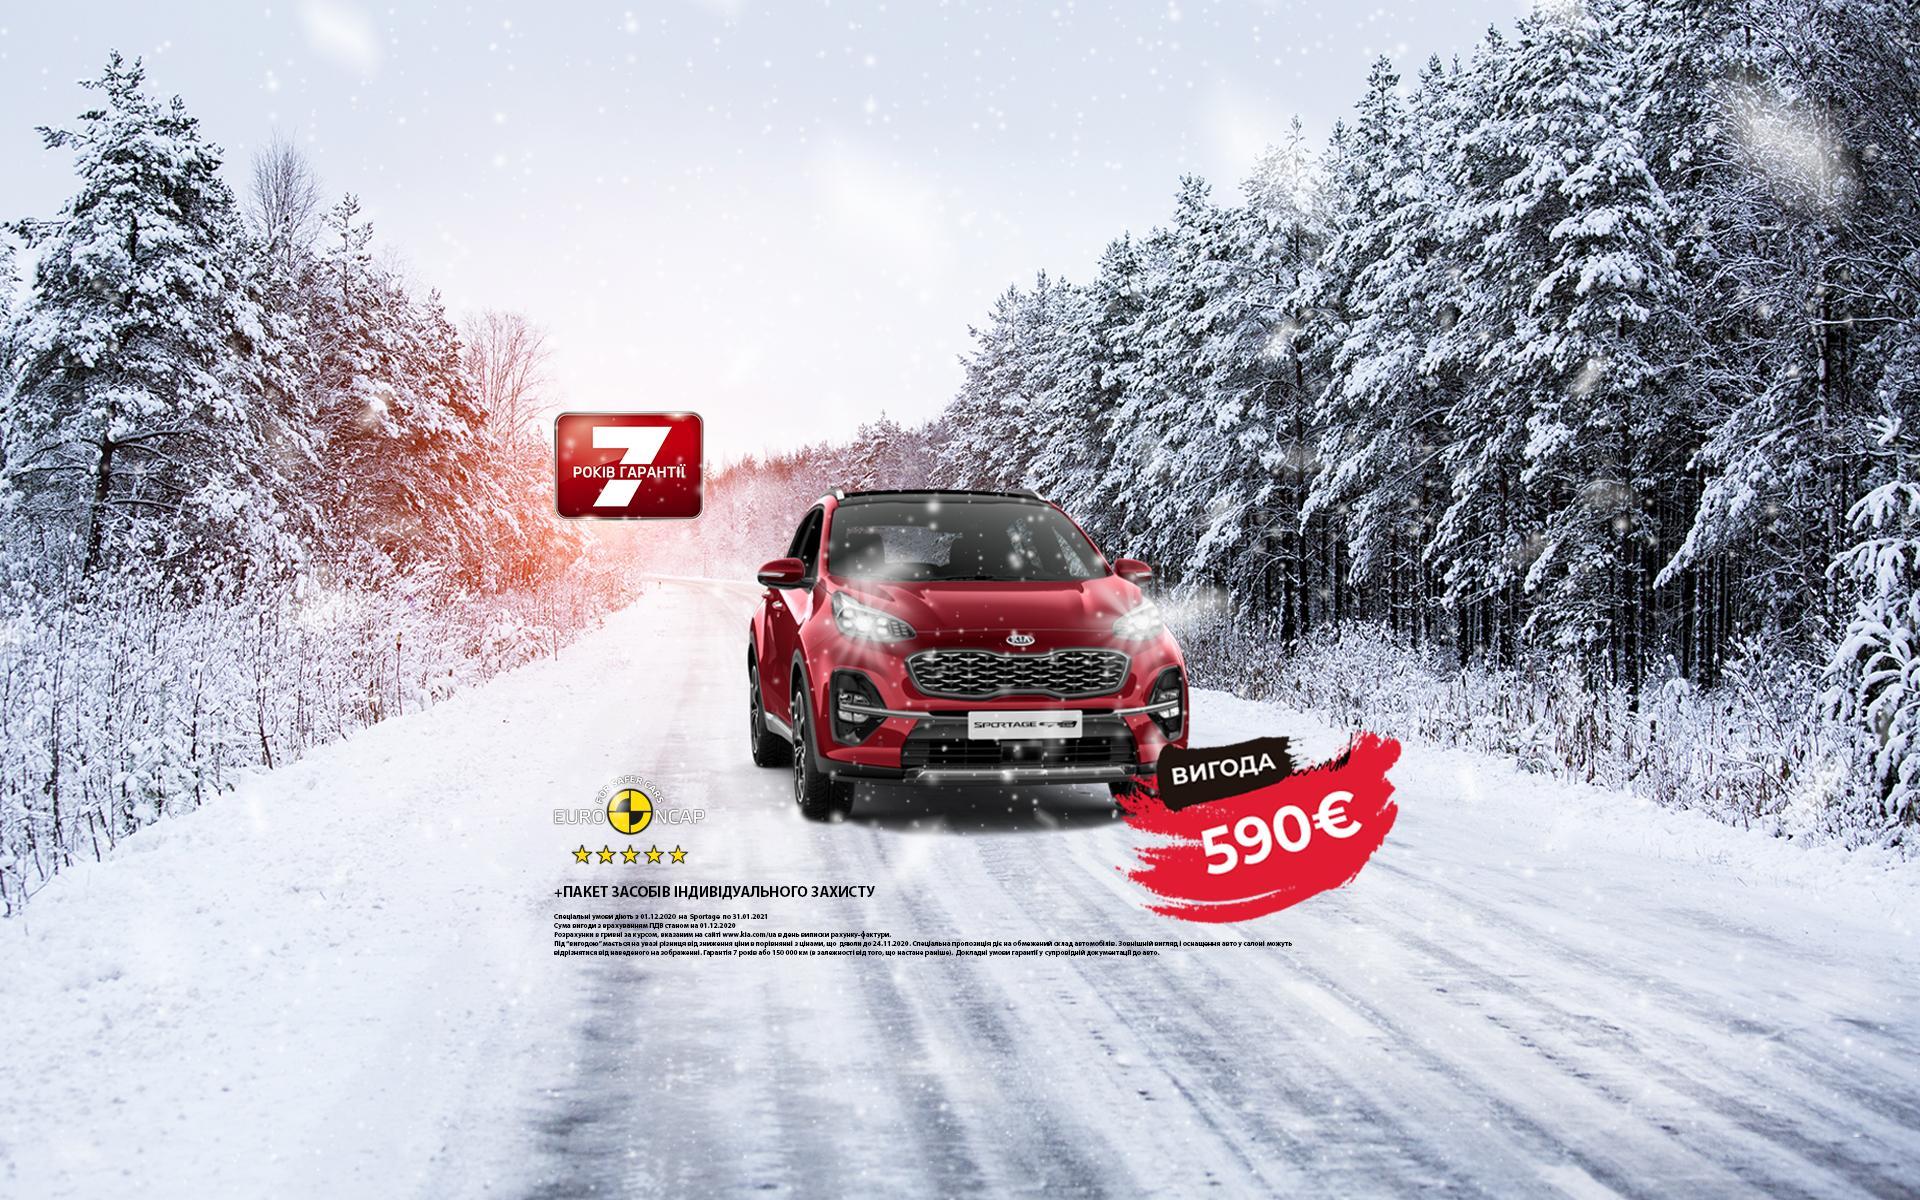 Зимовий розпродаж Kia Sportage, Kia Stonic та Kia XCeed!